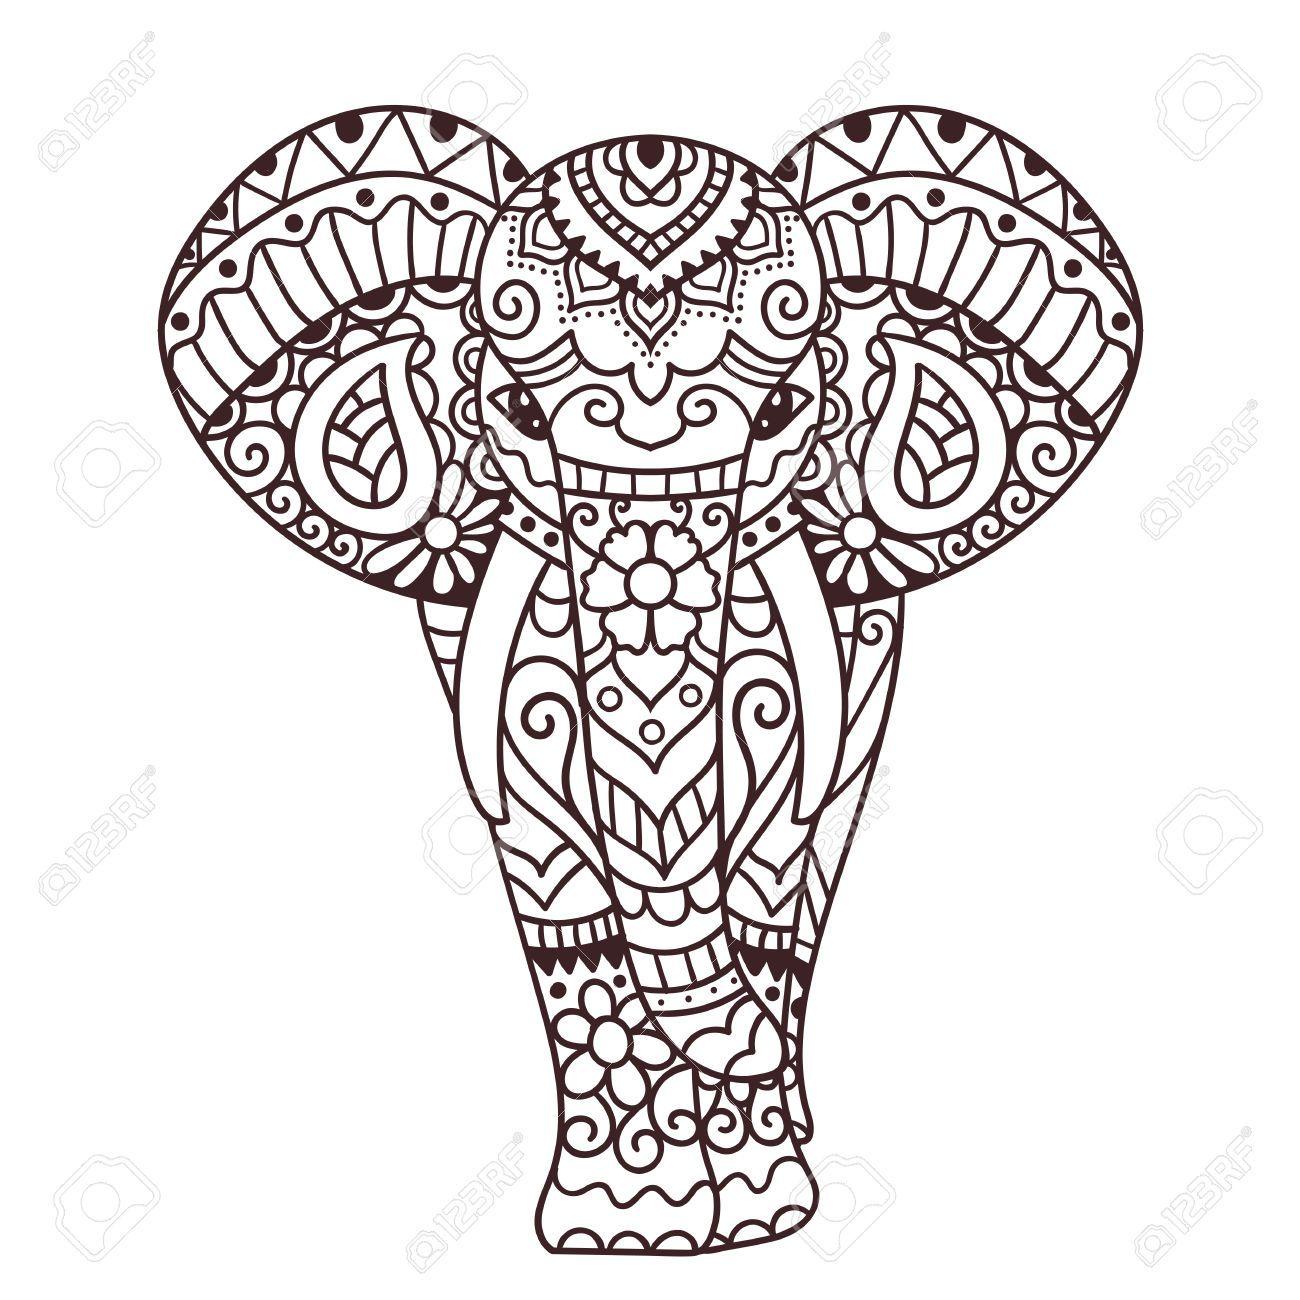 Stock Photo Zeichnen Elefant Malen Elefant Zeichnung